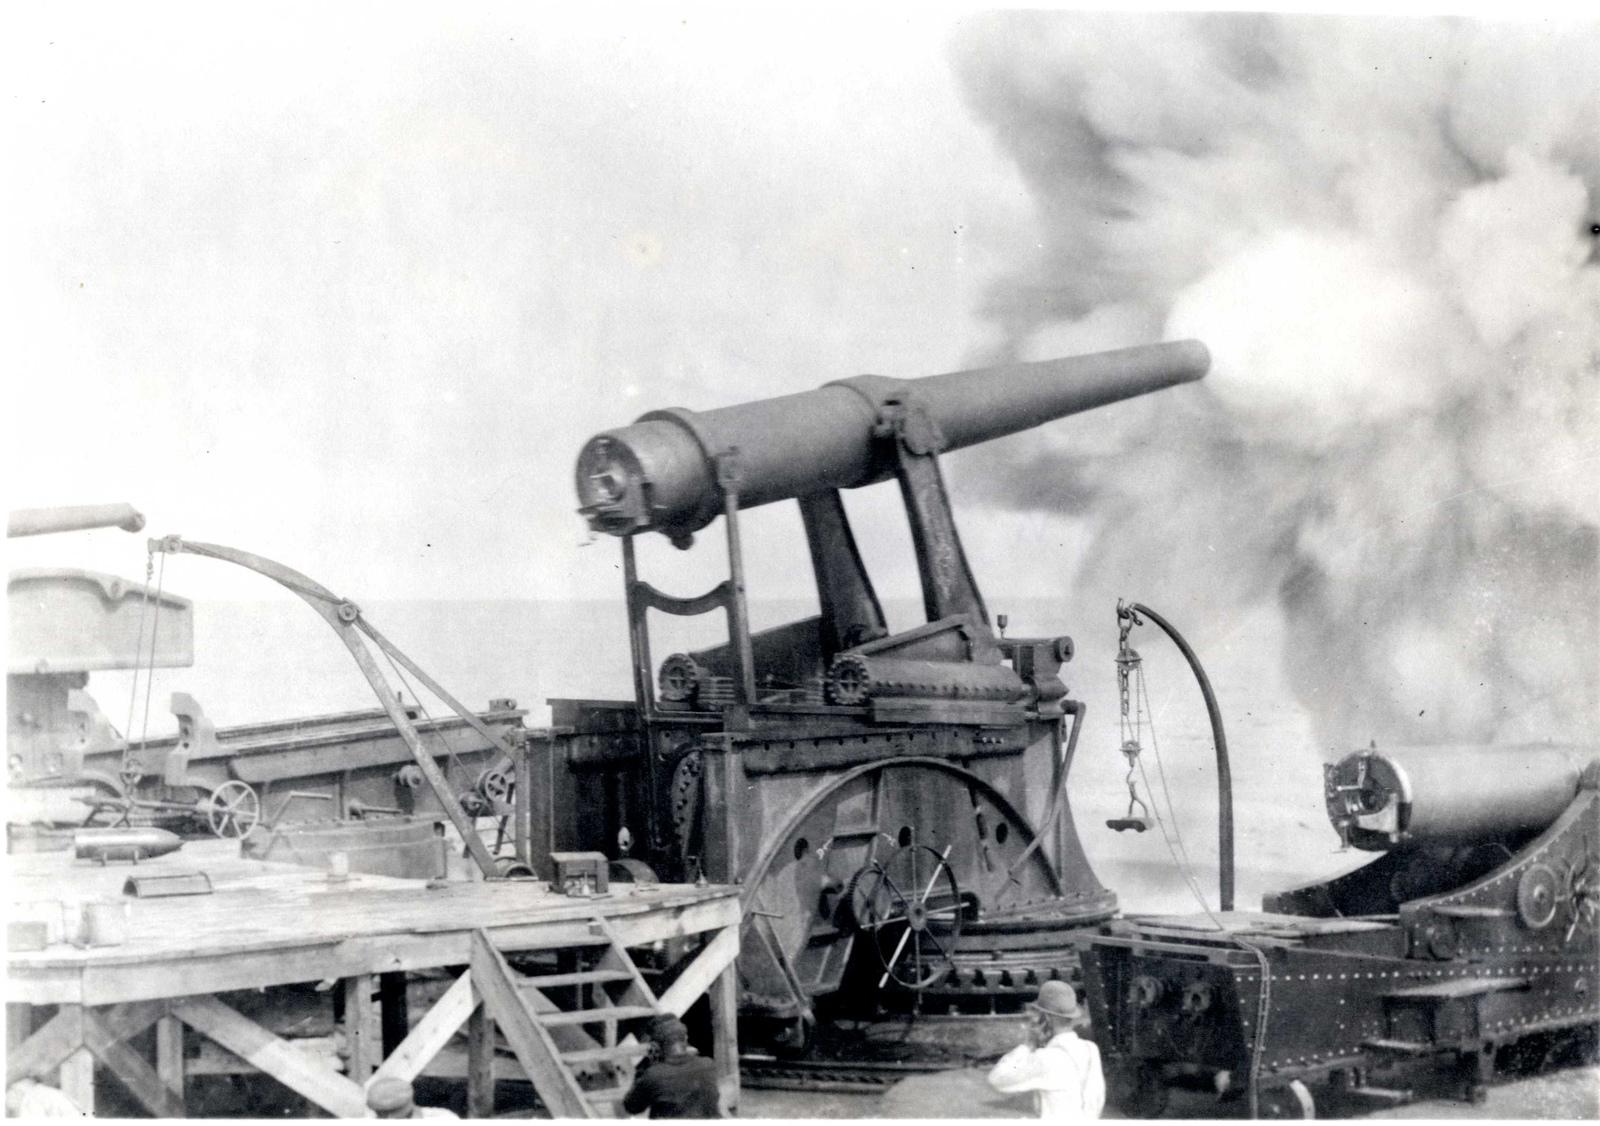 Gun Model on Pneumatic Carriage #1467